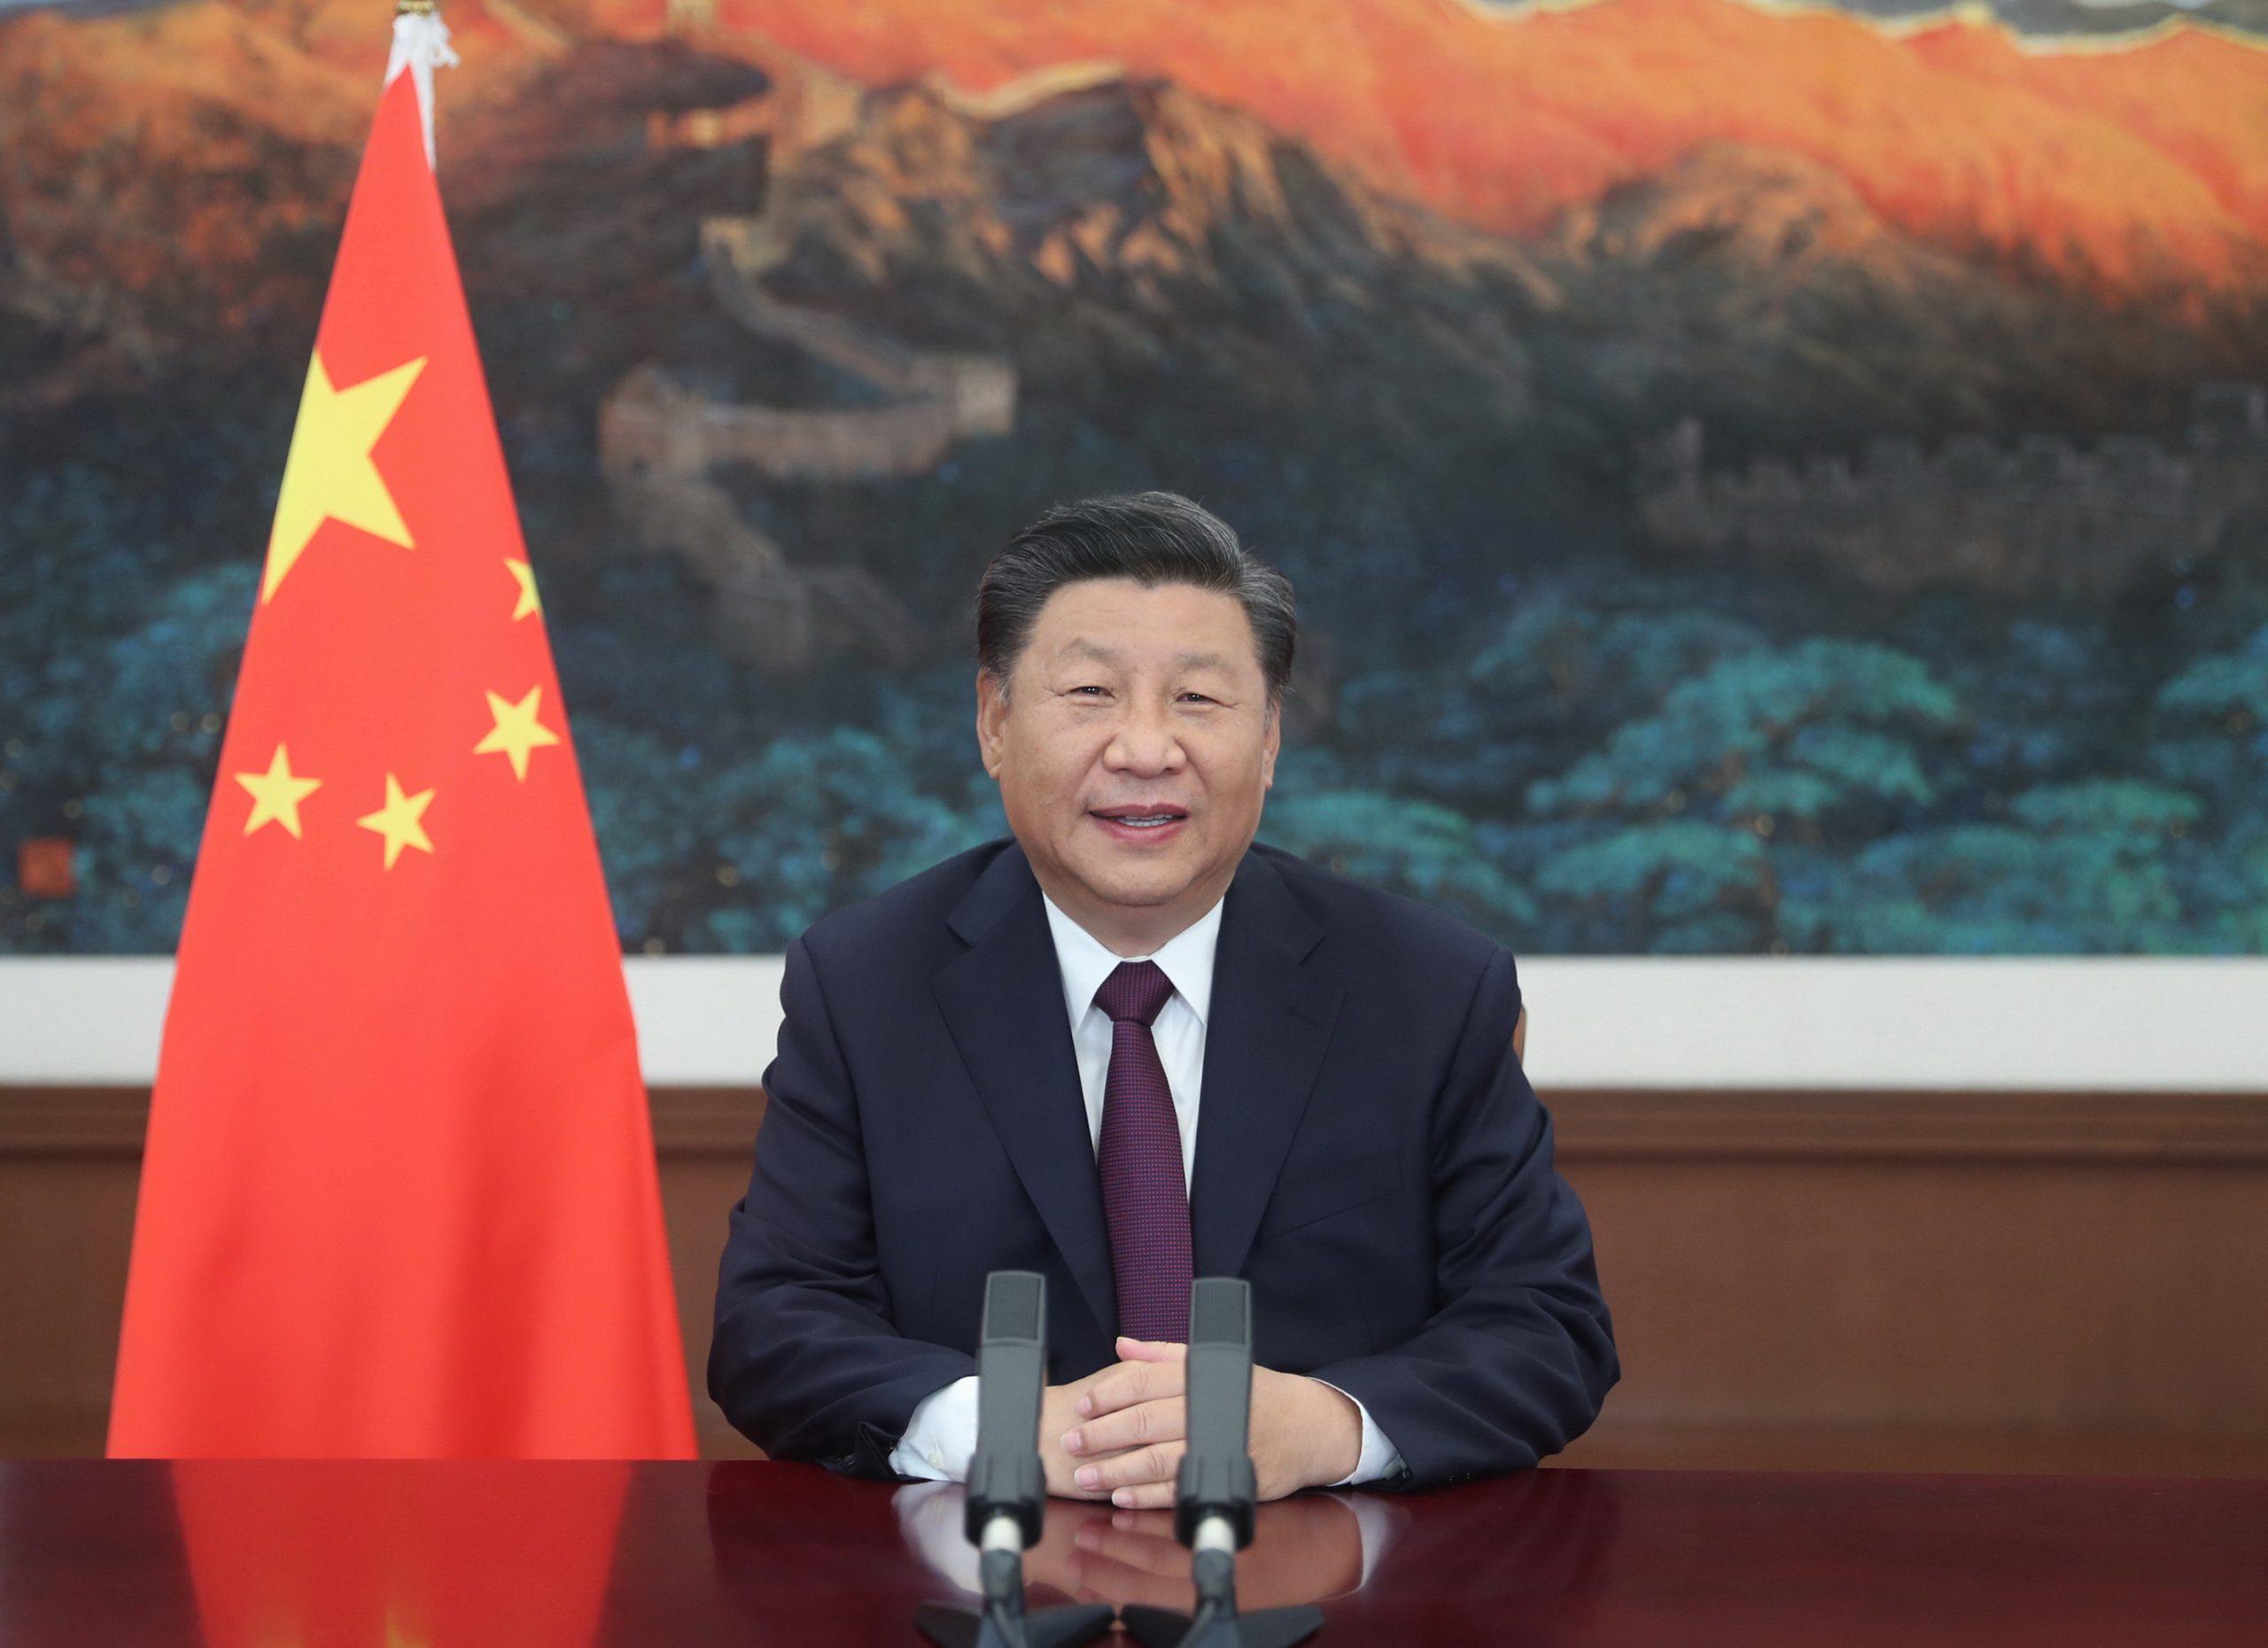 Xi destaca integración de diseño de alto nivel y consulta al público en planificación